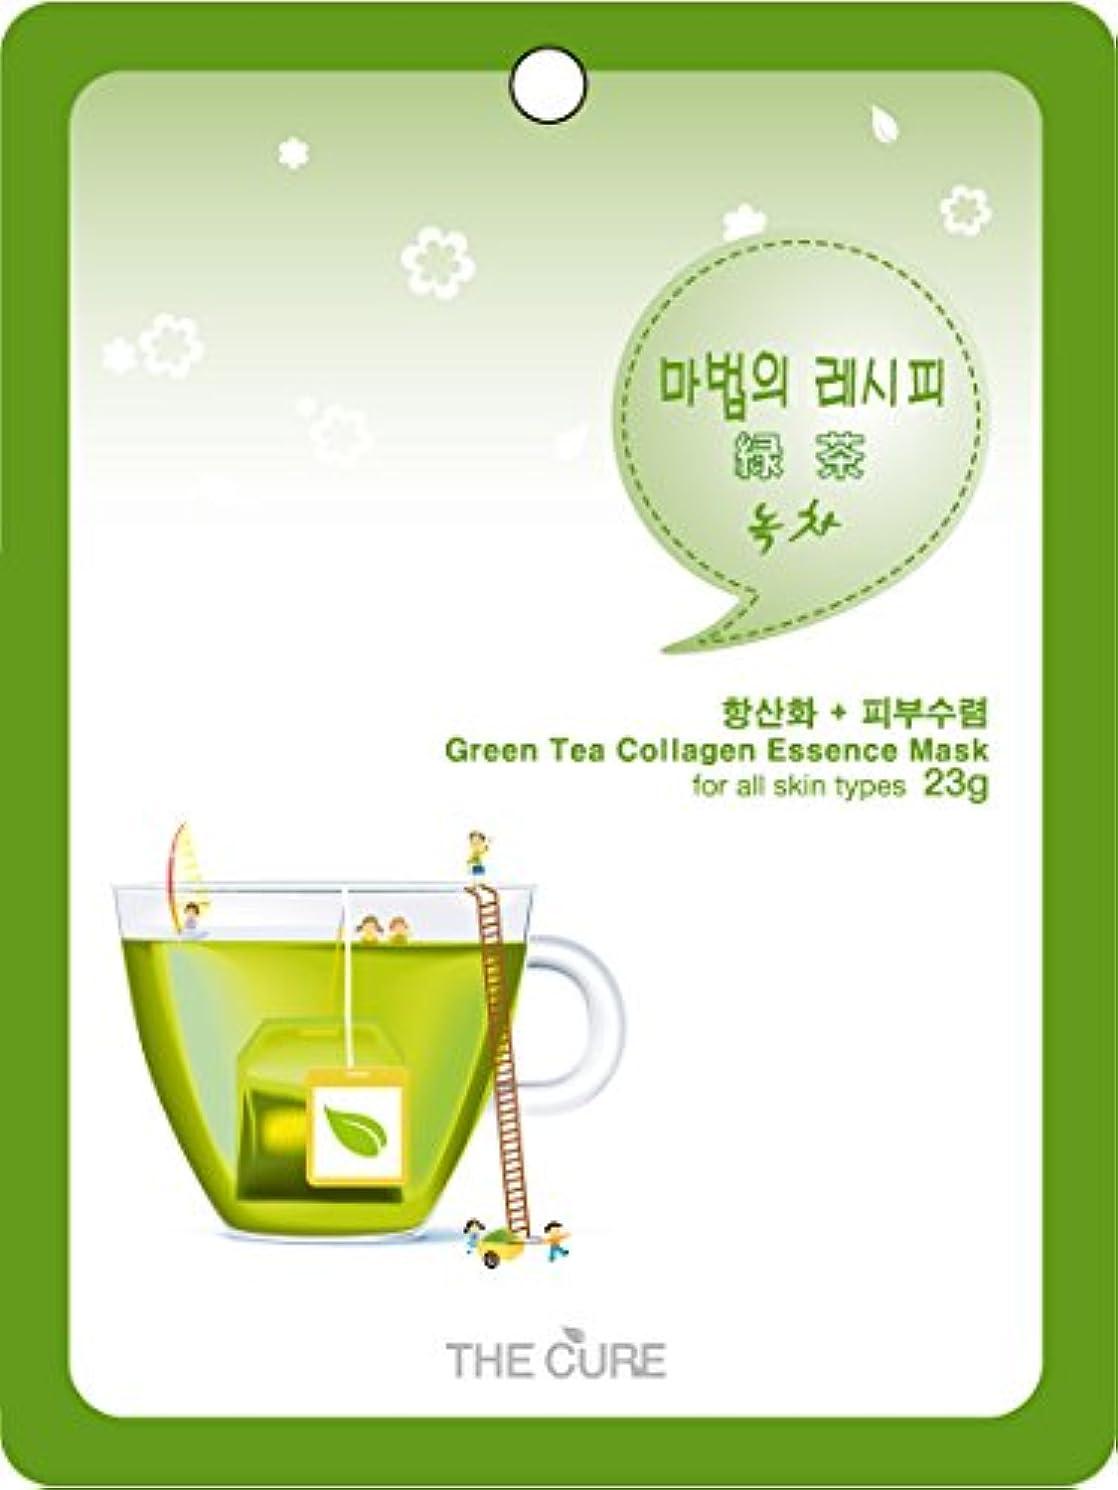 祈り貝殻恋人緑茶 コラーゲン エッセンス マスク THE CURE シート パック 100枚セット 韓国 コスメ 乾燥肌 オイリー肌 混合肌